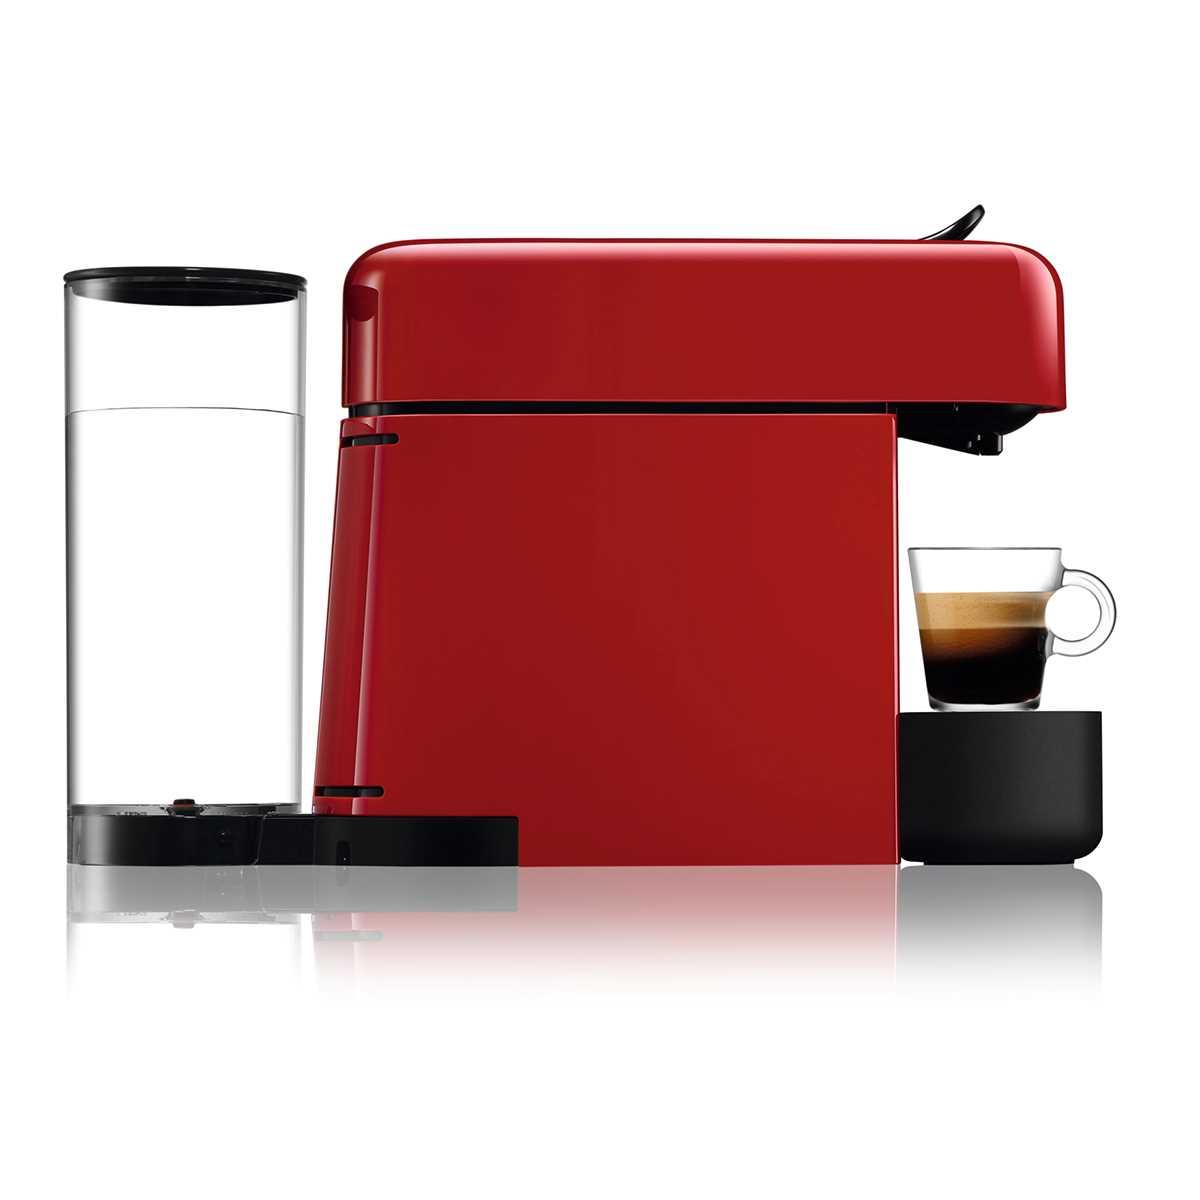 מכונת אספרסו Nespresso Essenza D45 Plus נספרסו כולל מקצף חלב - צבע אדום - תמונה 4